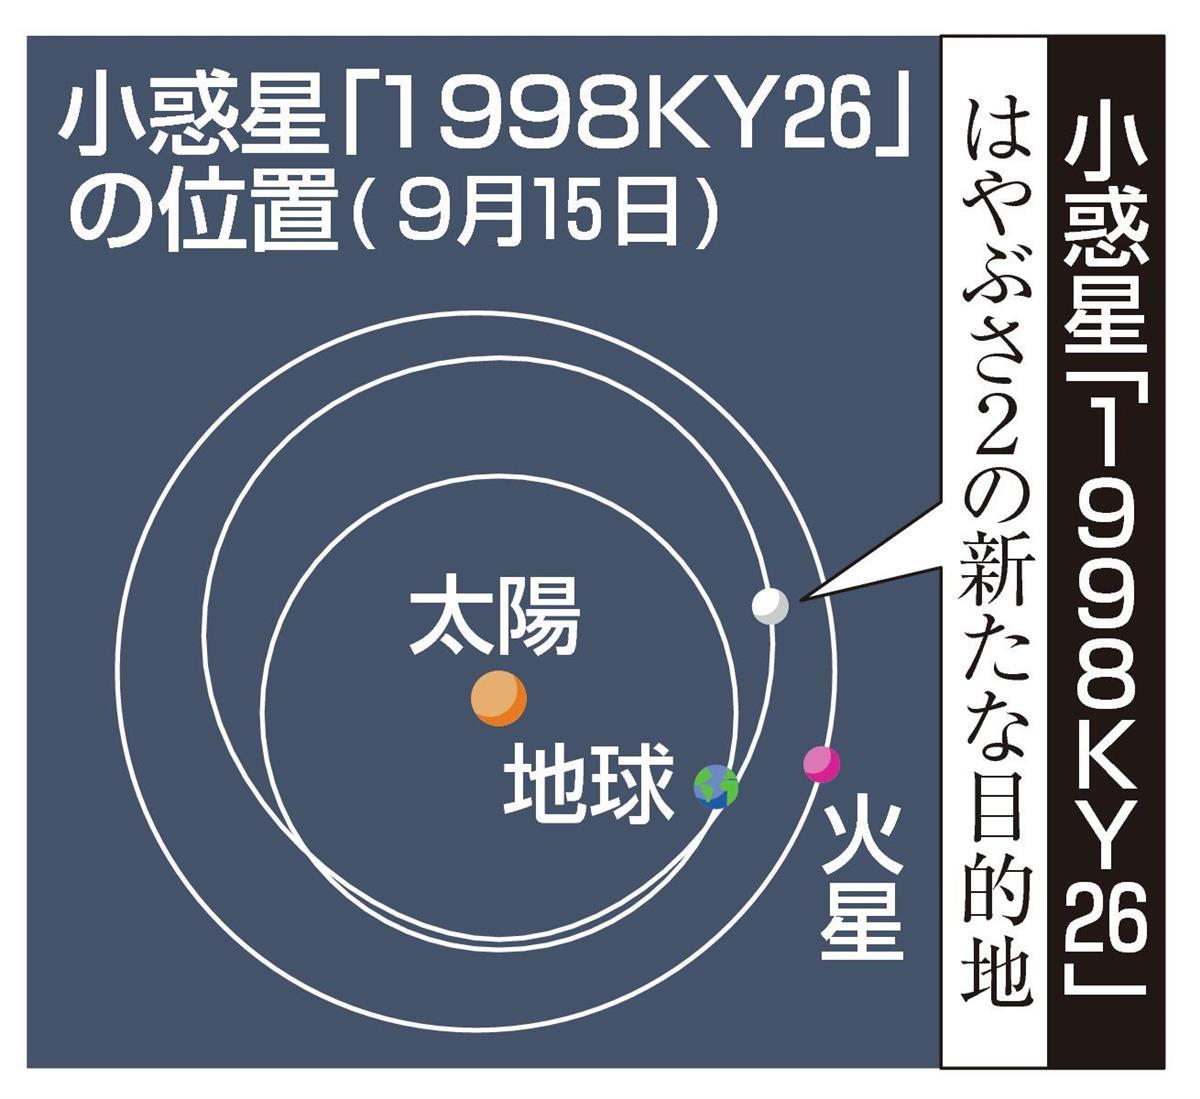 「はやぶさ2」新たな探査 11年後、次の小惑星に到着